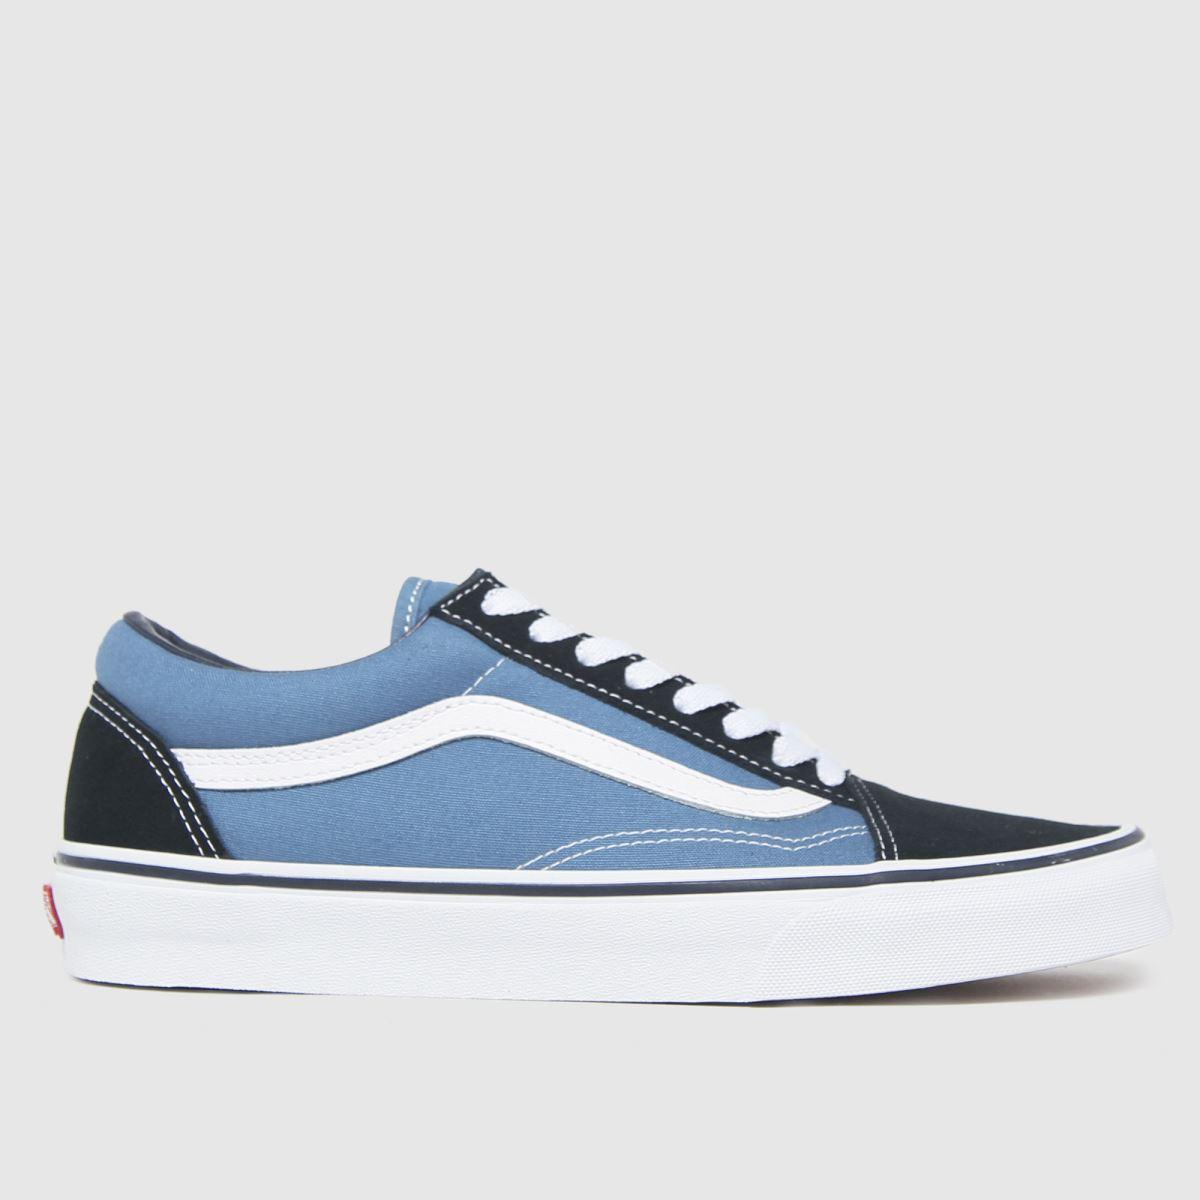 Vans Shoes Breakfast